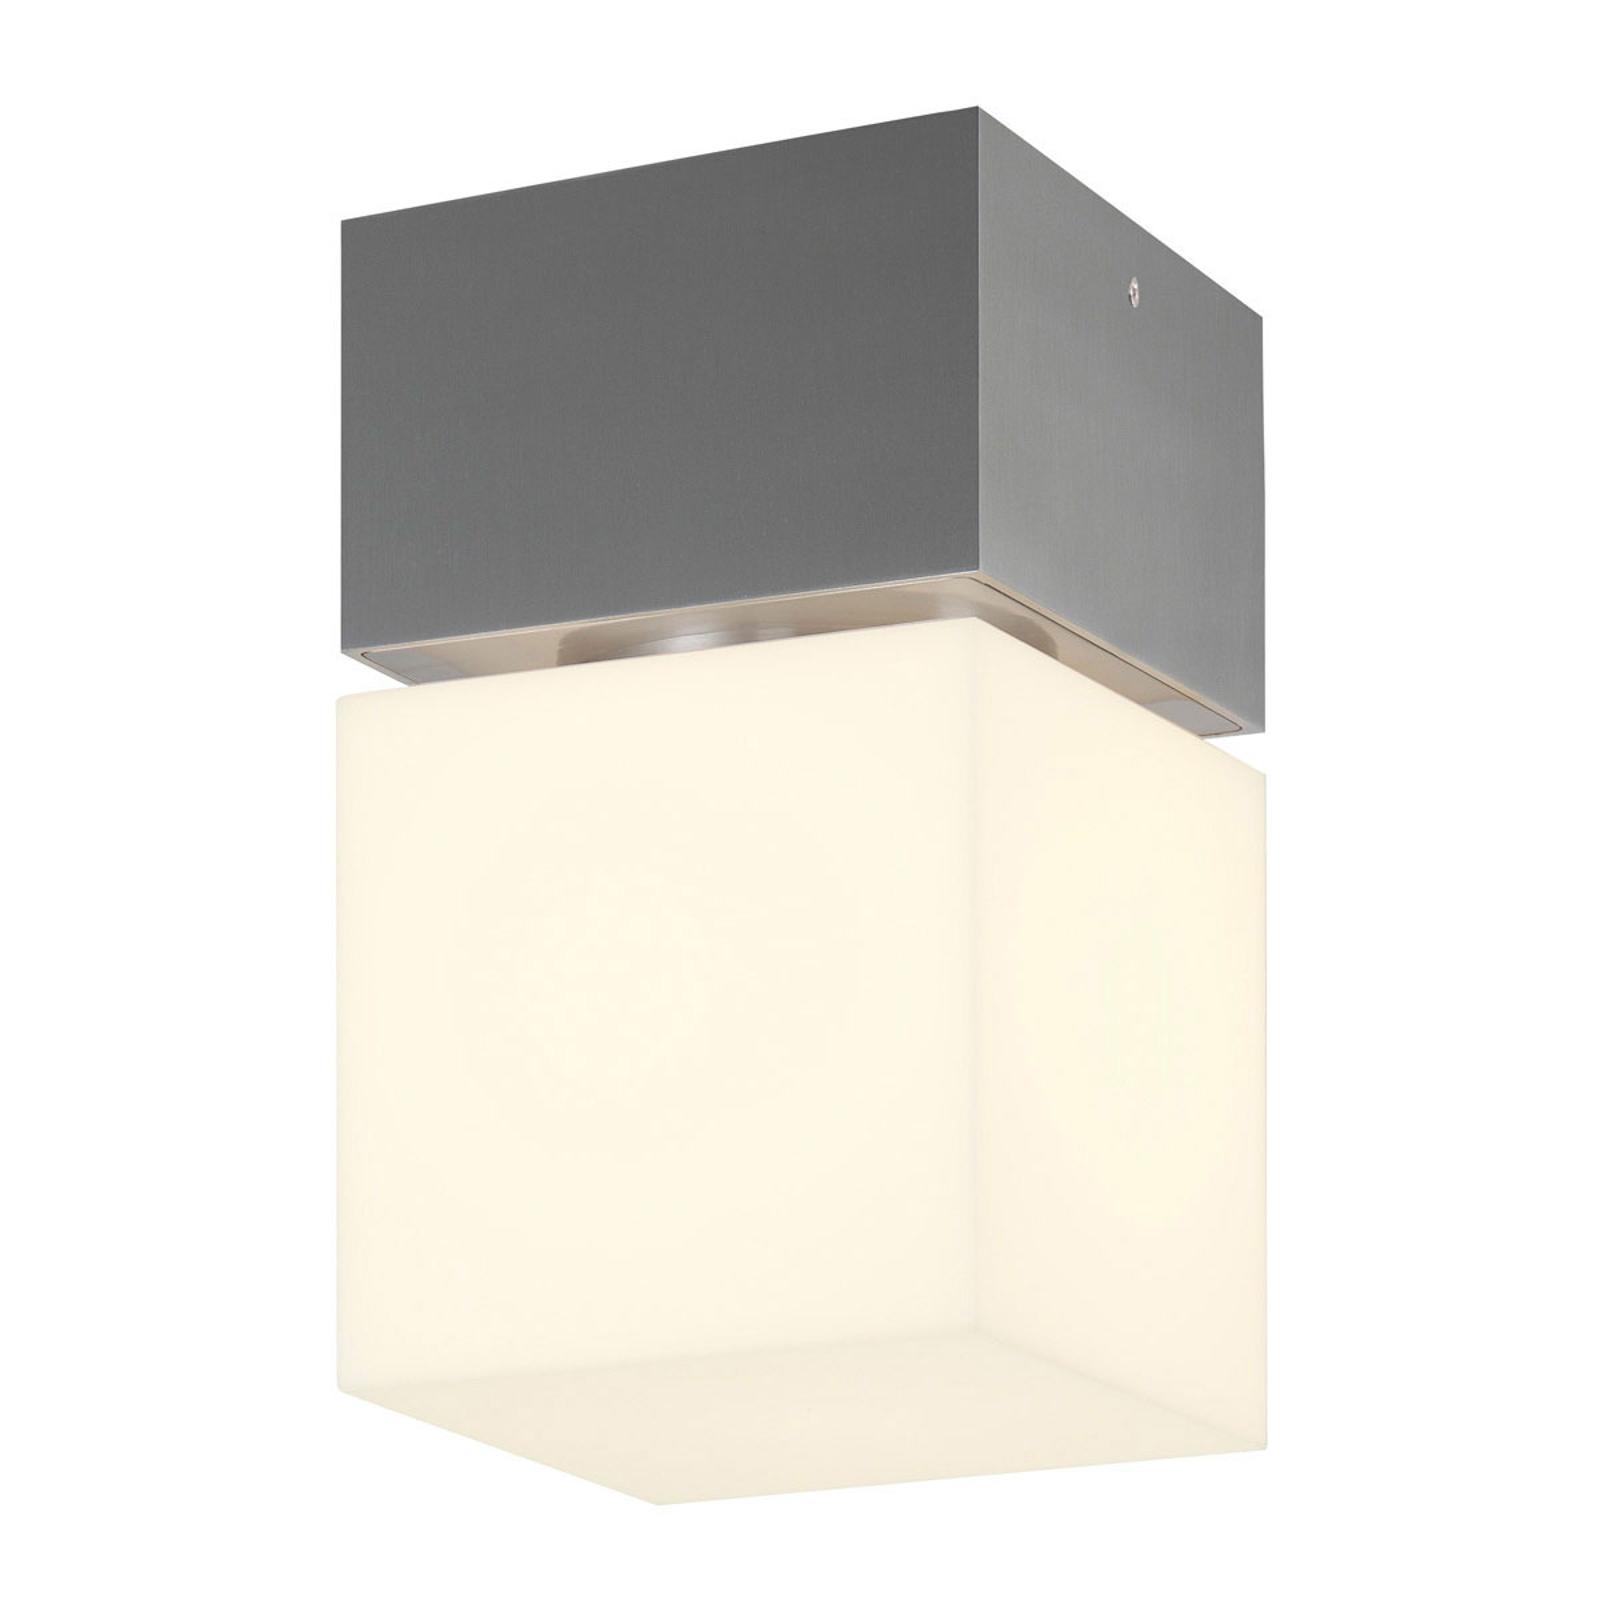 SLV Square udendørs LED-loftlampe i rustfrit stål